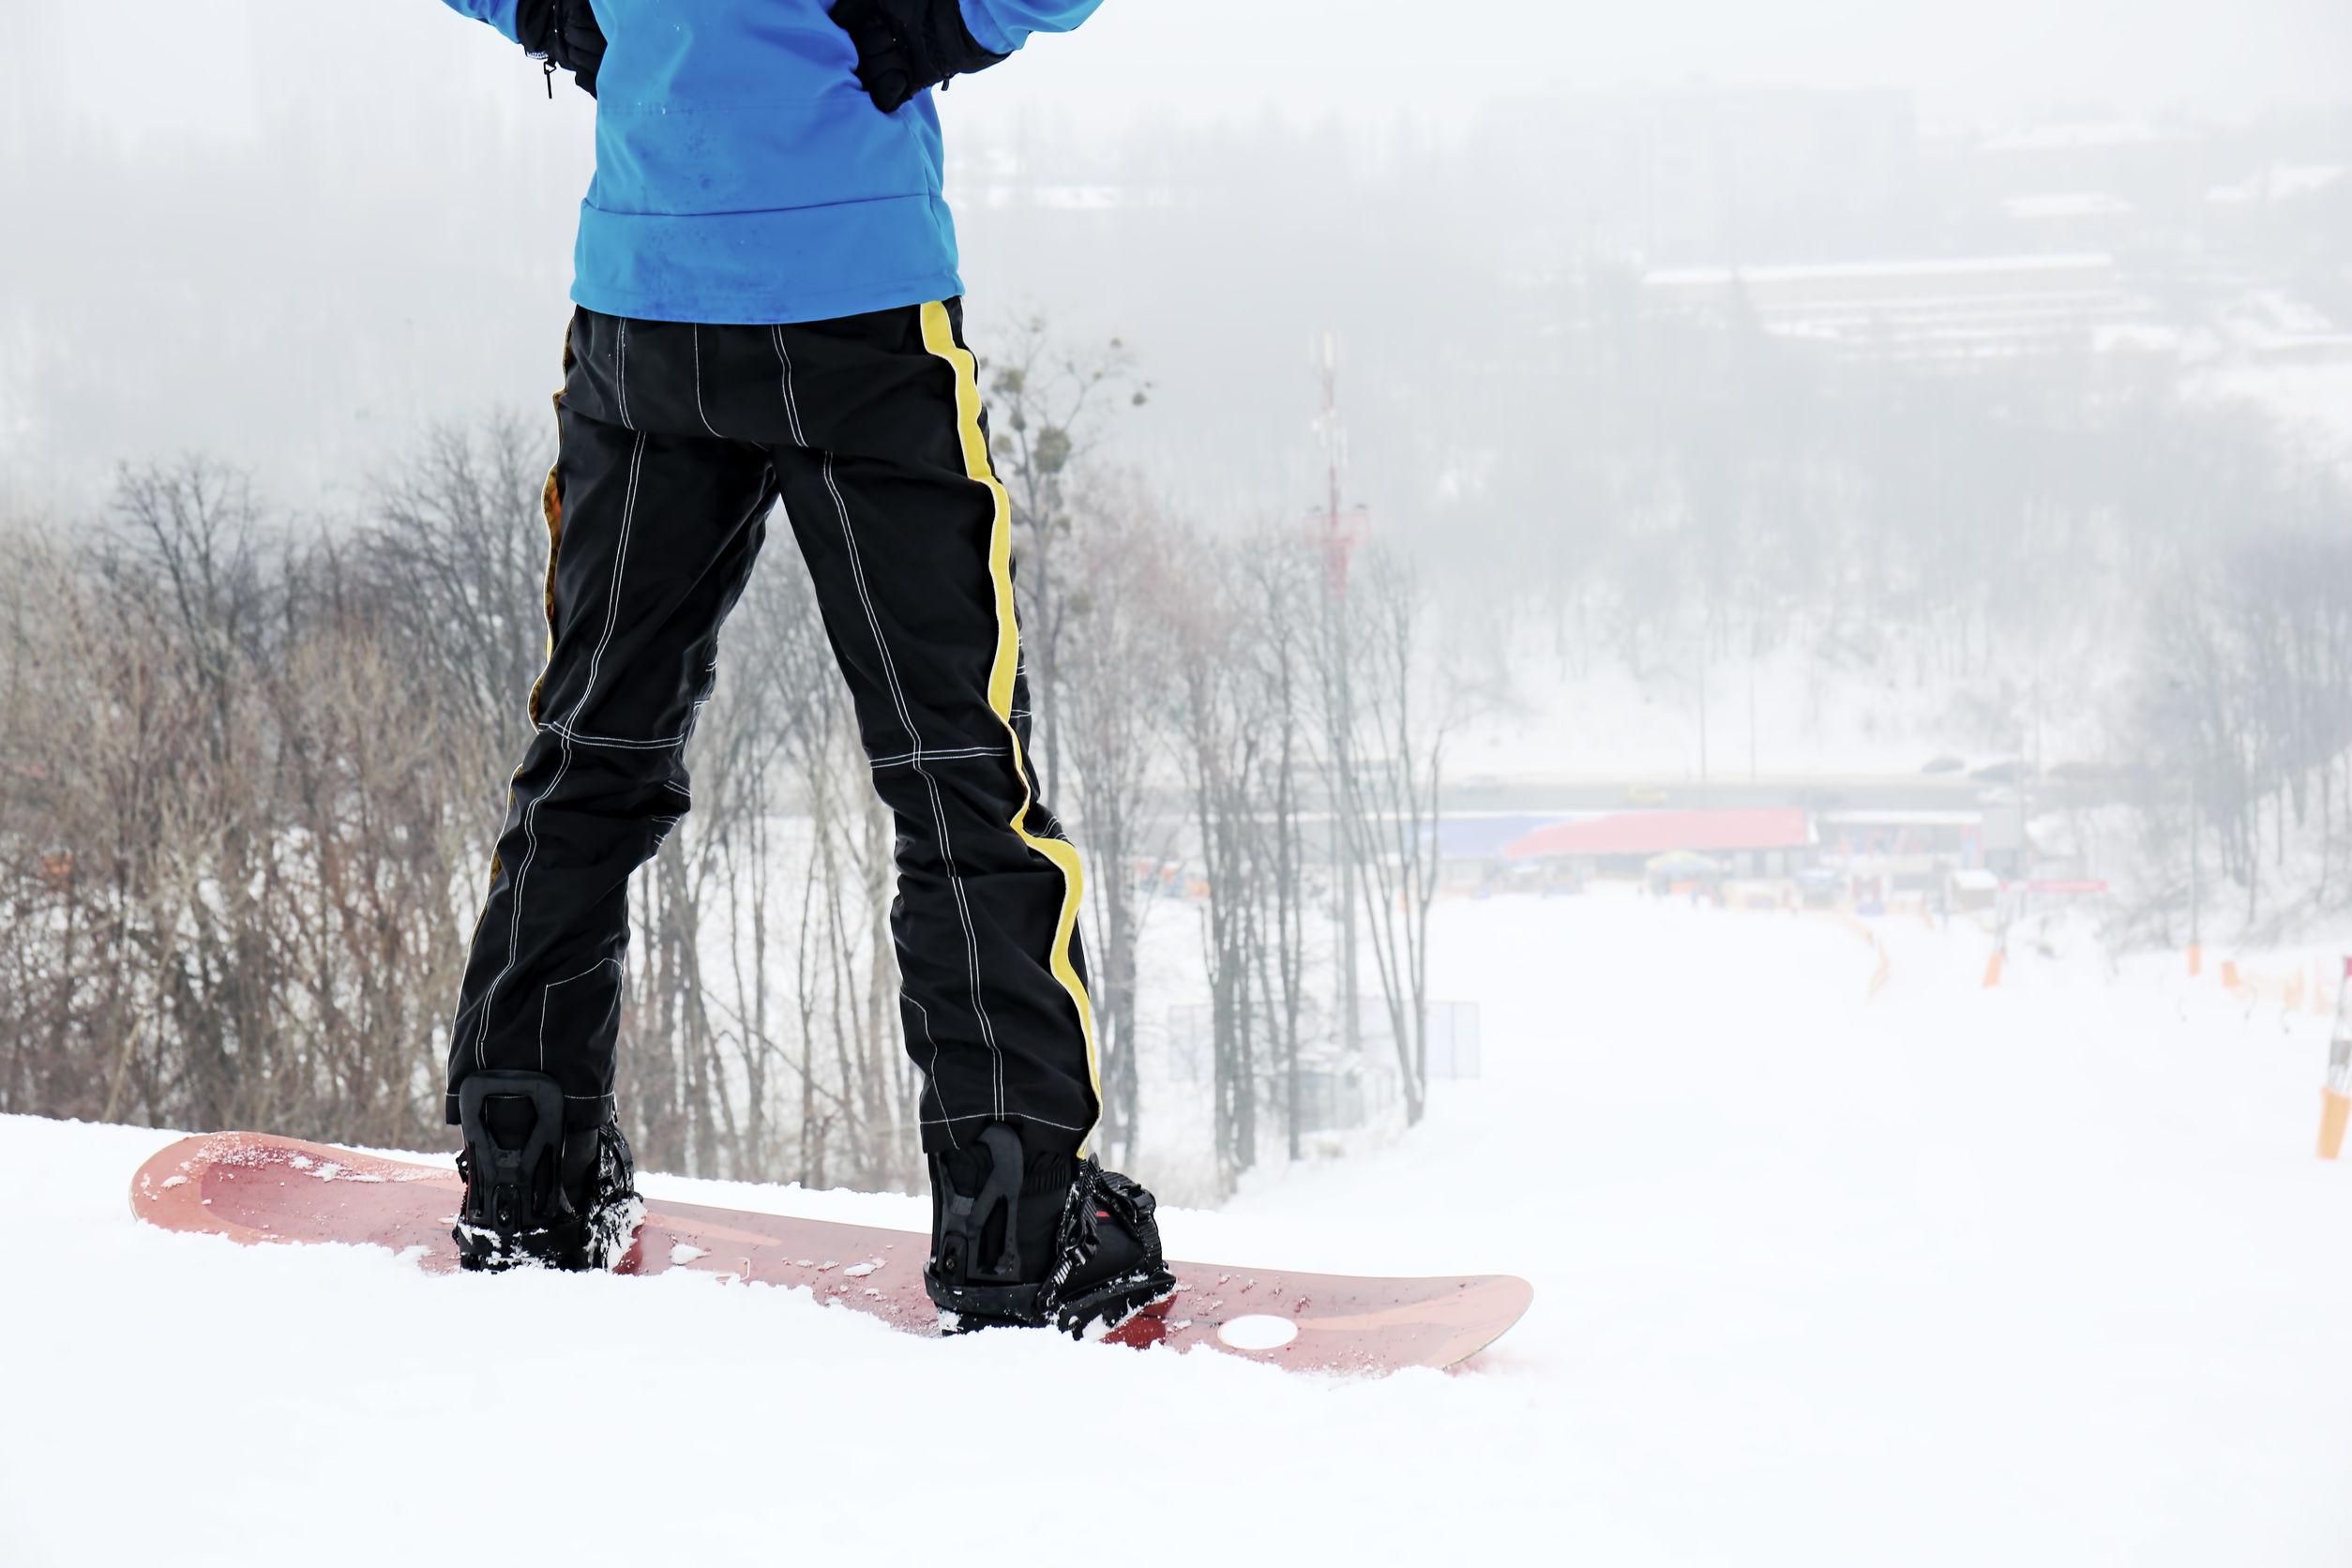 Snowboardhose: Test & Empfehlungen (02/21)